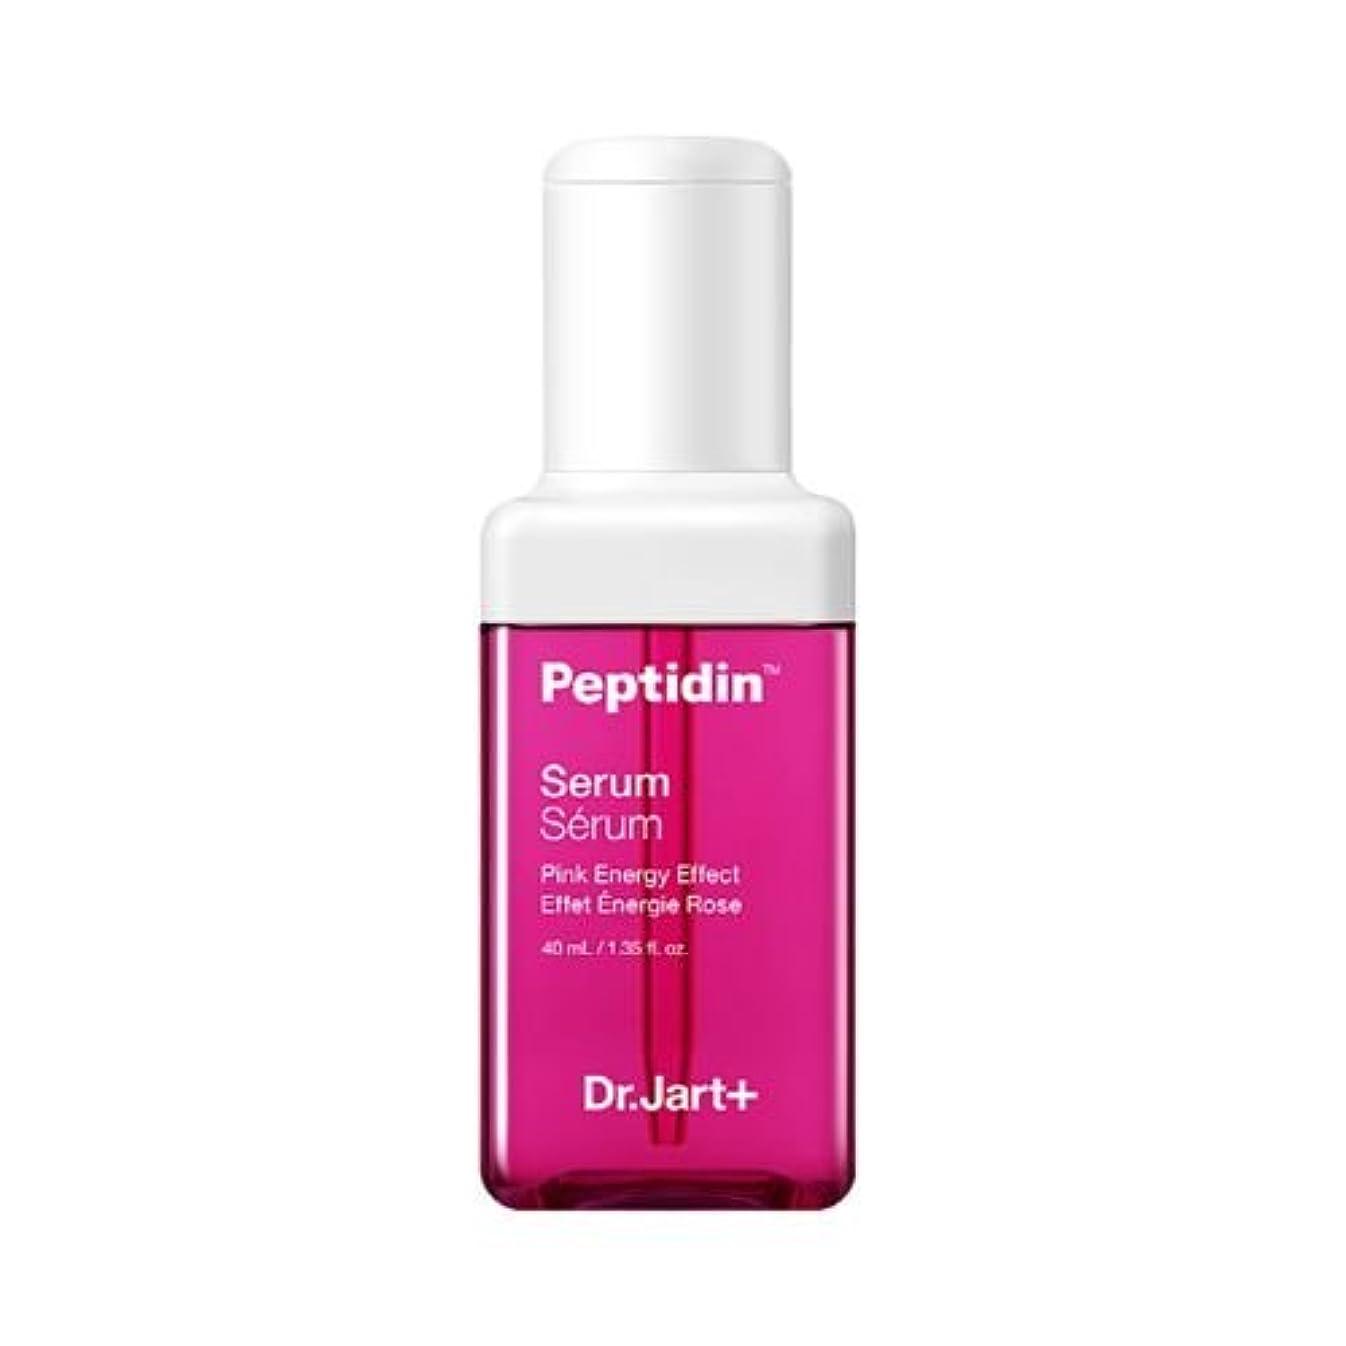 ダイヤモンド結核フォージ[DR Jart] Peptidin serum Pink Energy effect ドクタージャルトペプチドディーン セラムピンクエネルギー 40ml[海外直送品] [並行輸入品]